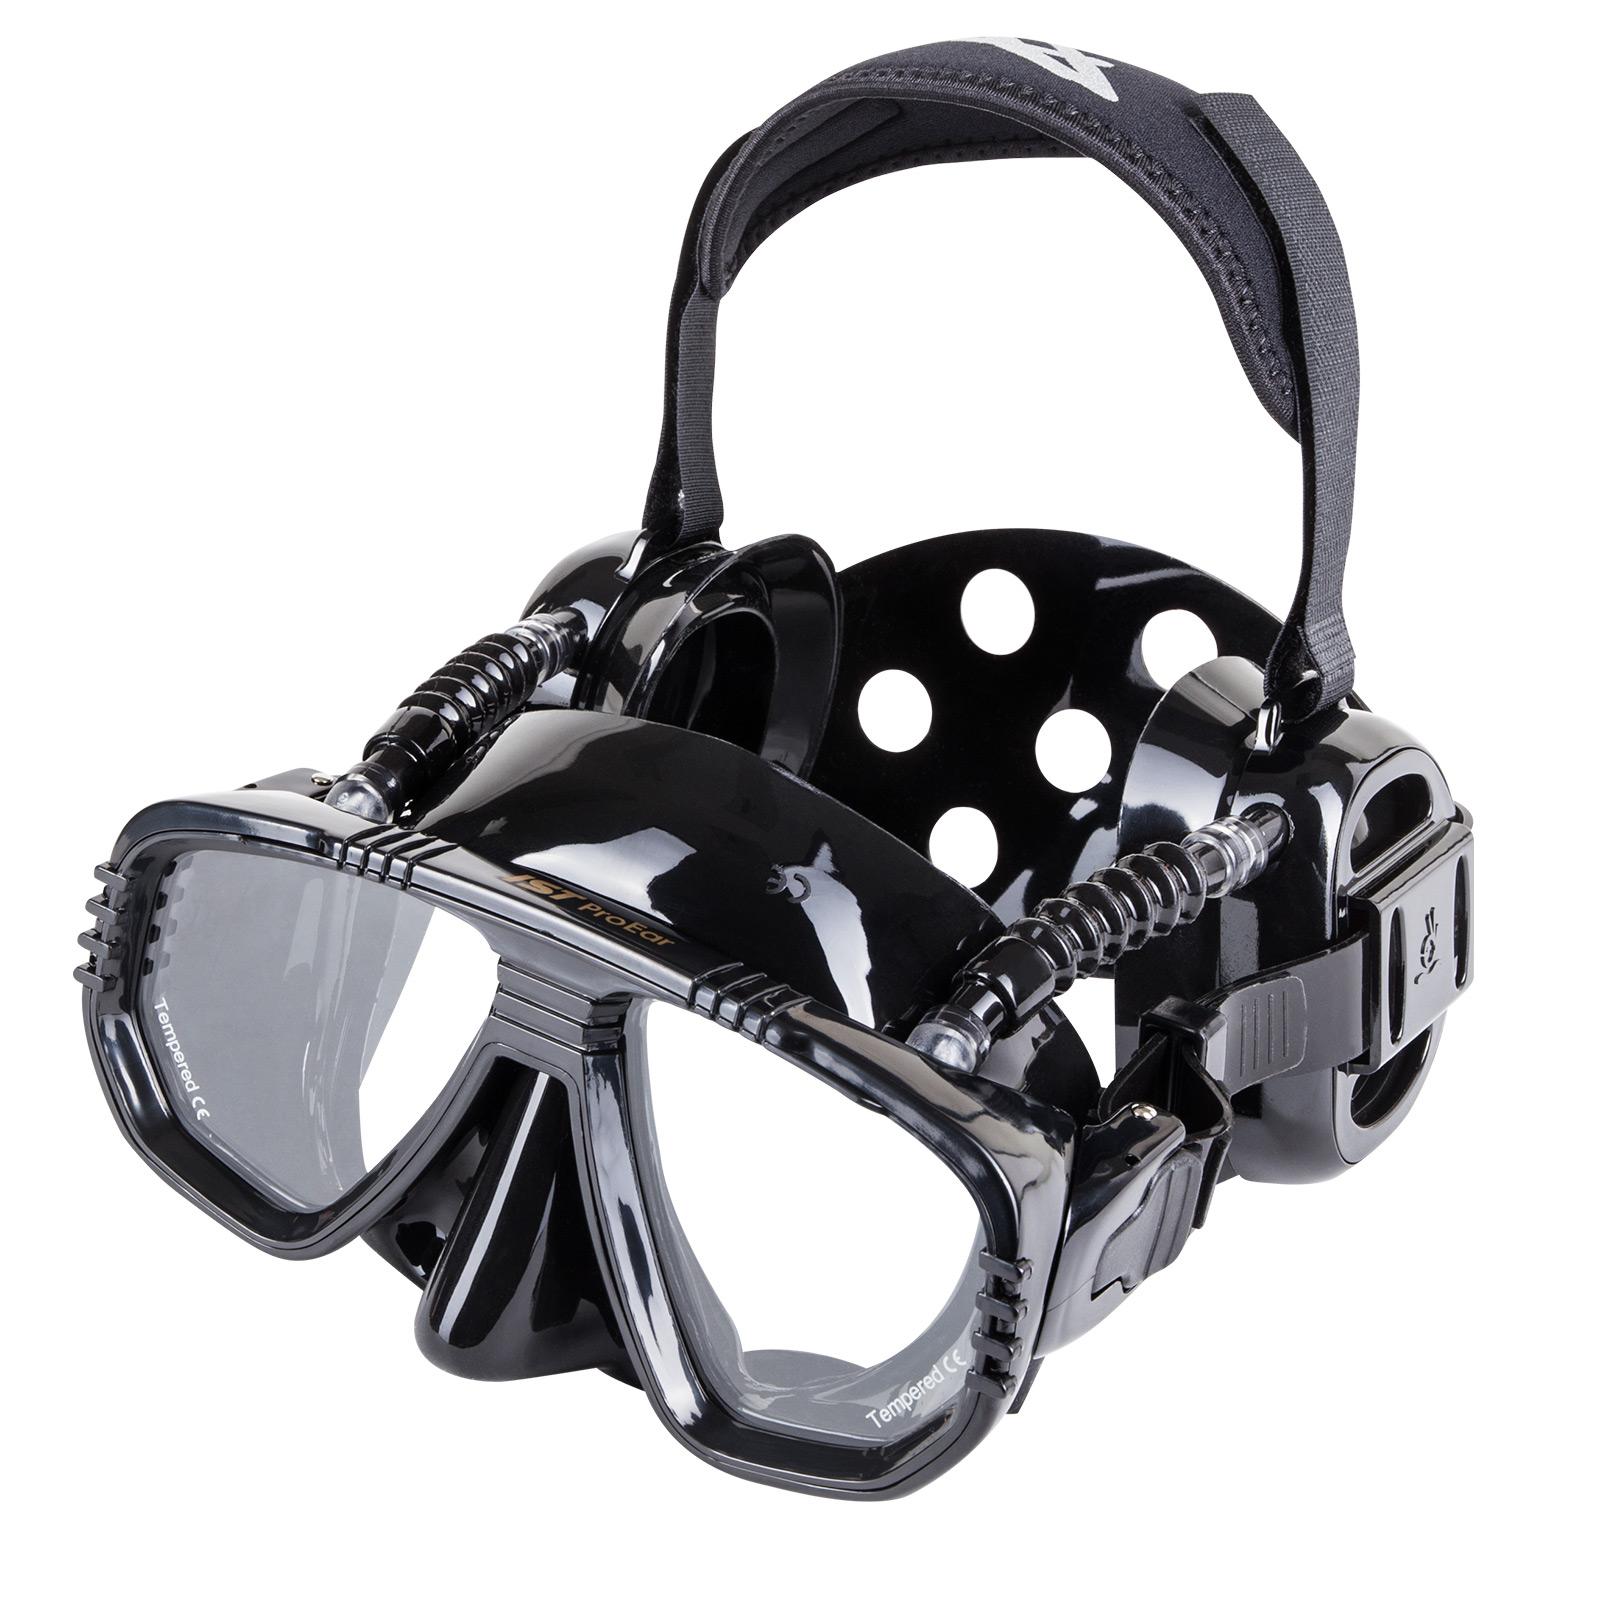 Pro Ear Mask